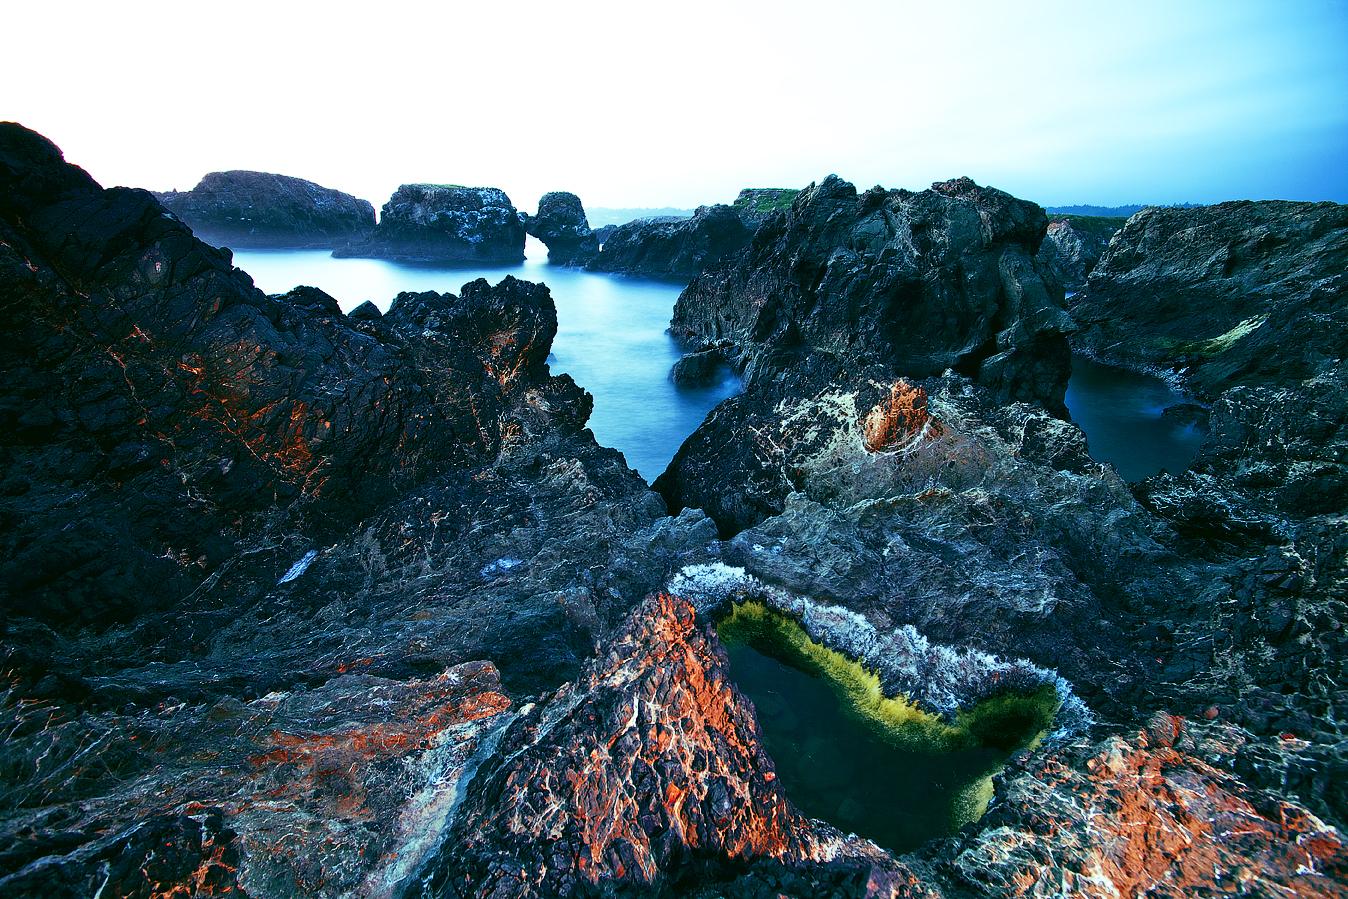 Mendocino Headlands